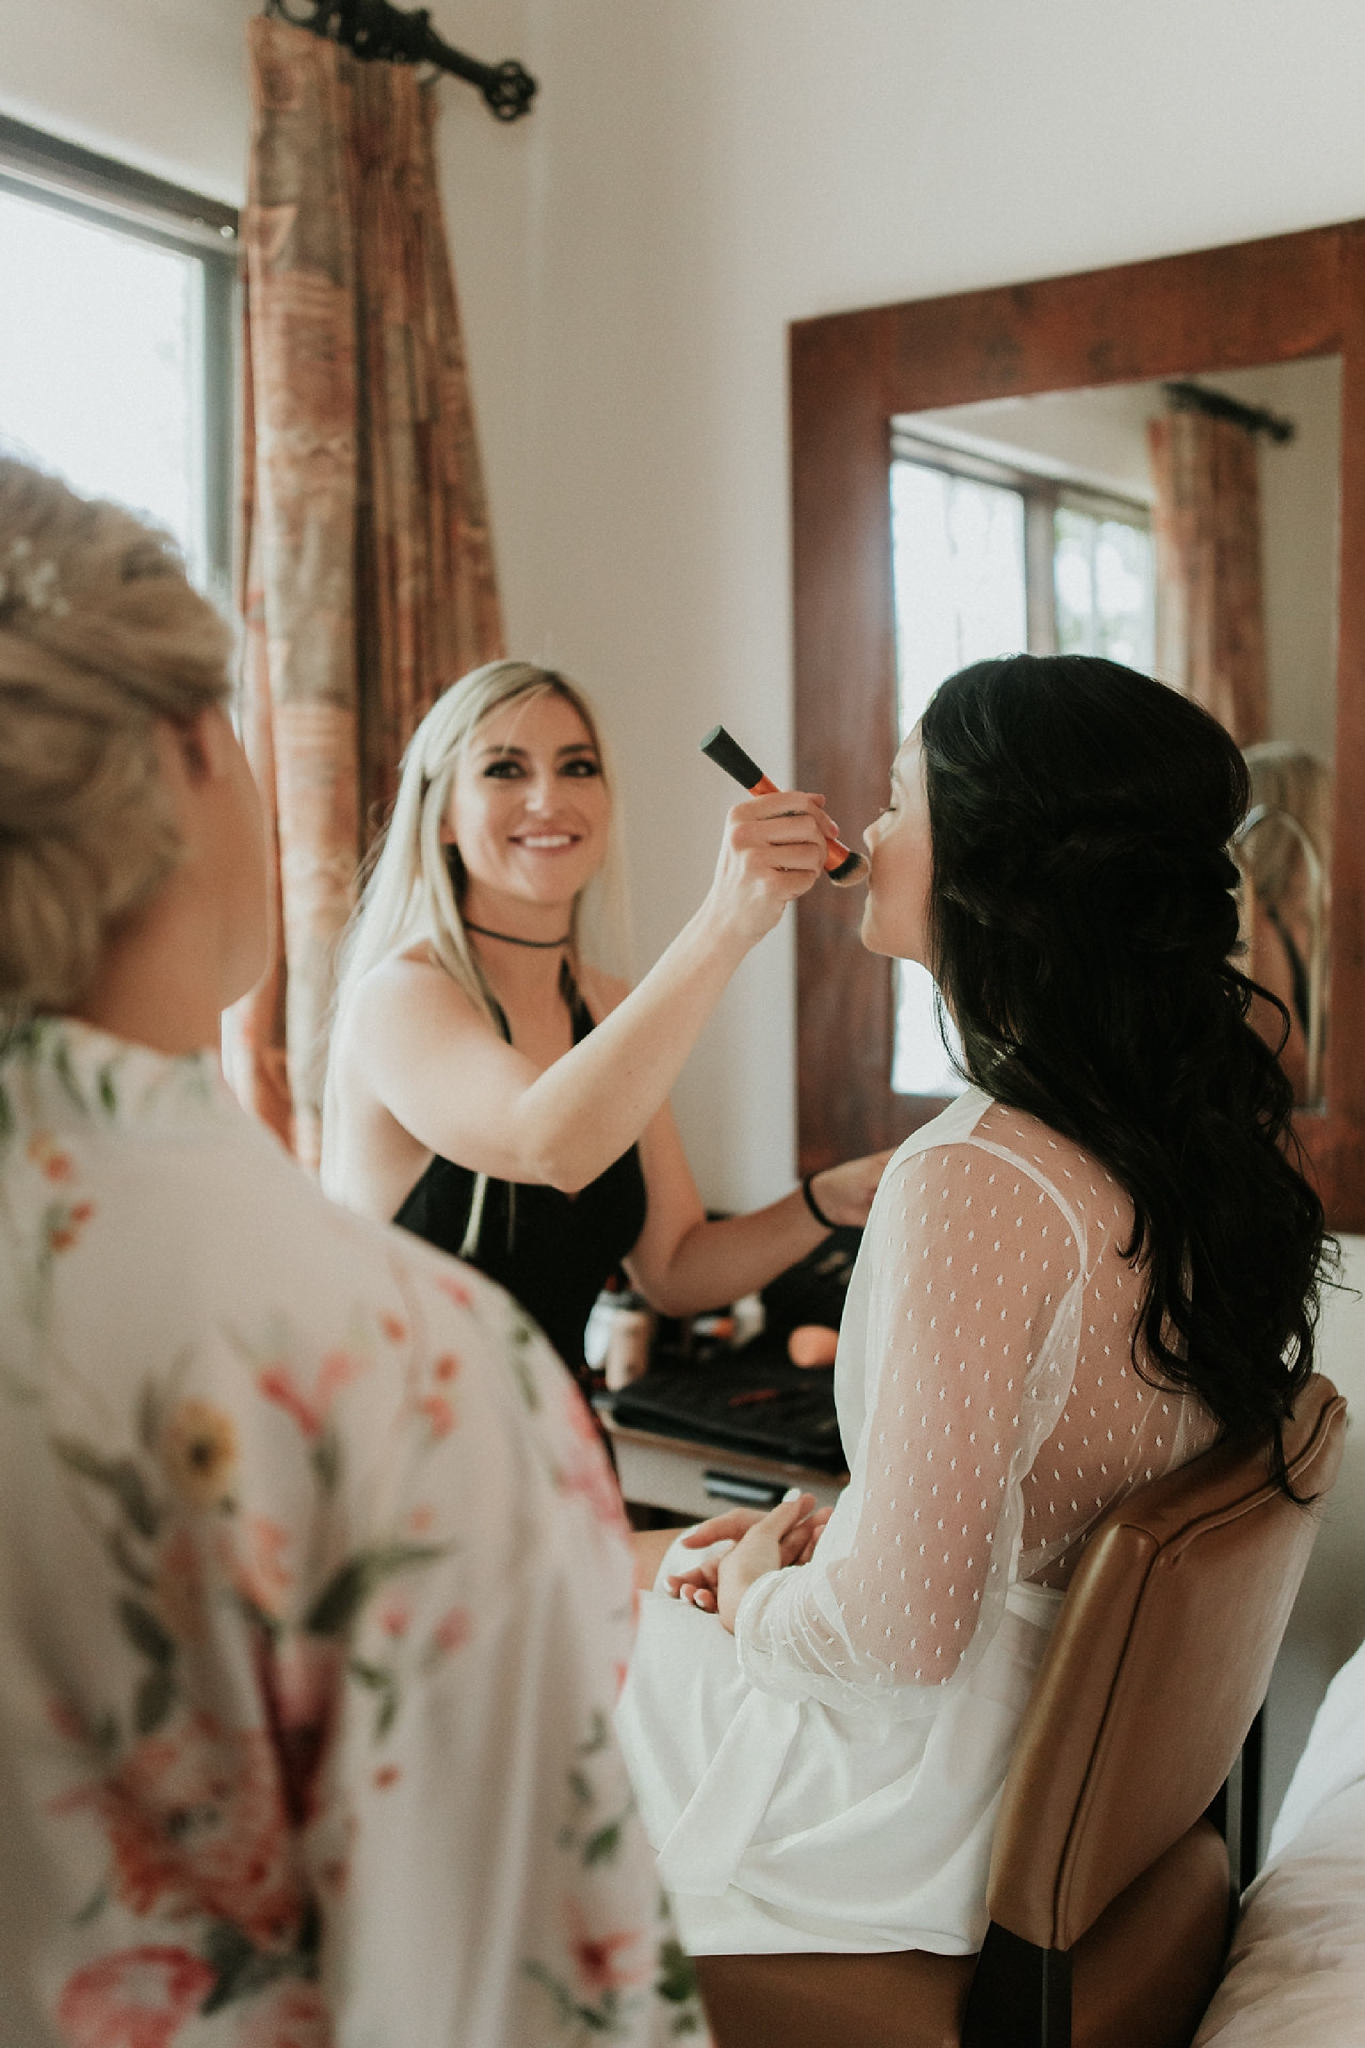 Alicia+lucia+photography+-+albuquerque+wedding+photographer+-+santa+fe+wedding+photography+-+new+mexico+wedding+photographer+-+new+mexico+wedding+-+wedding+makeup+-+makeup+artist+-+wedding+makeup+artist+-+bridal+makeup_0042.jpg